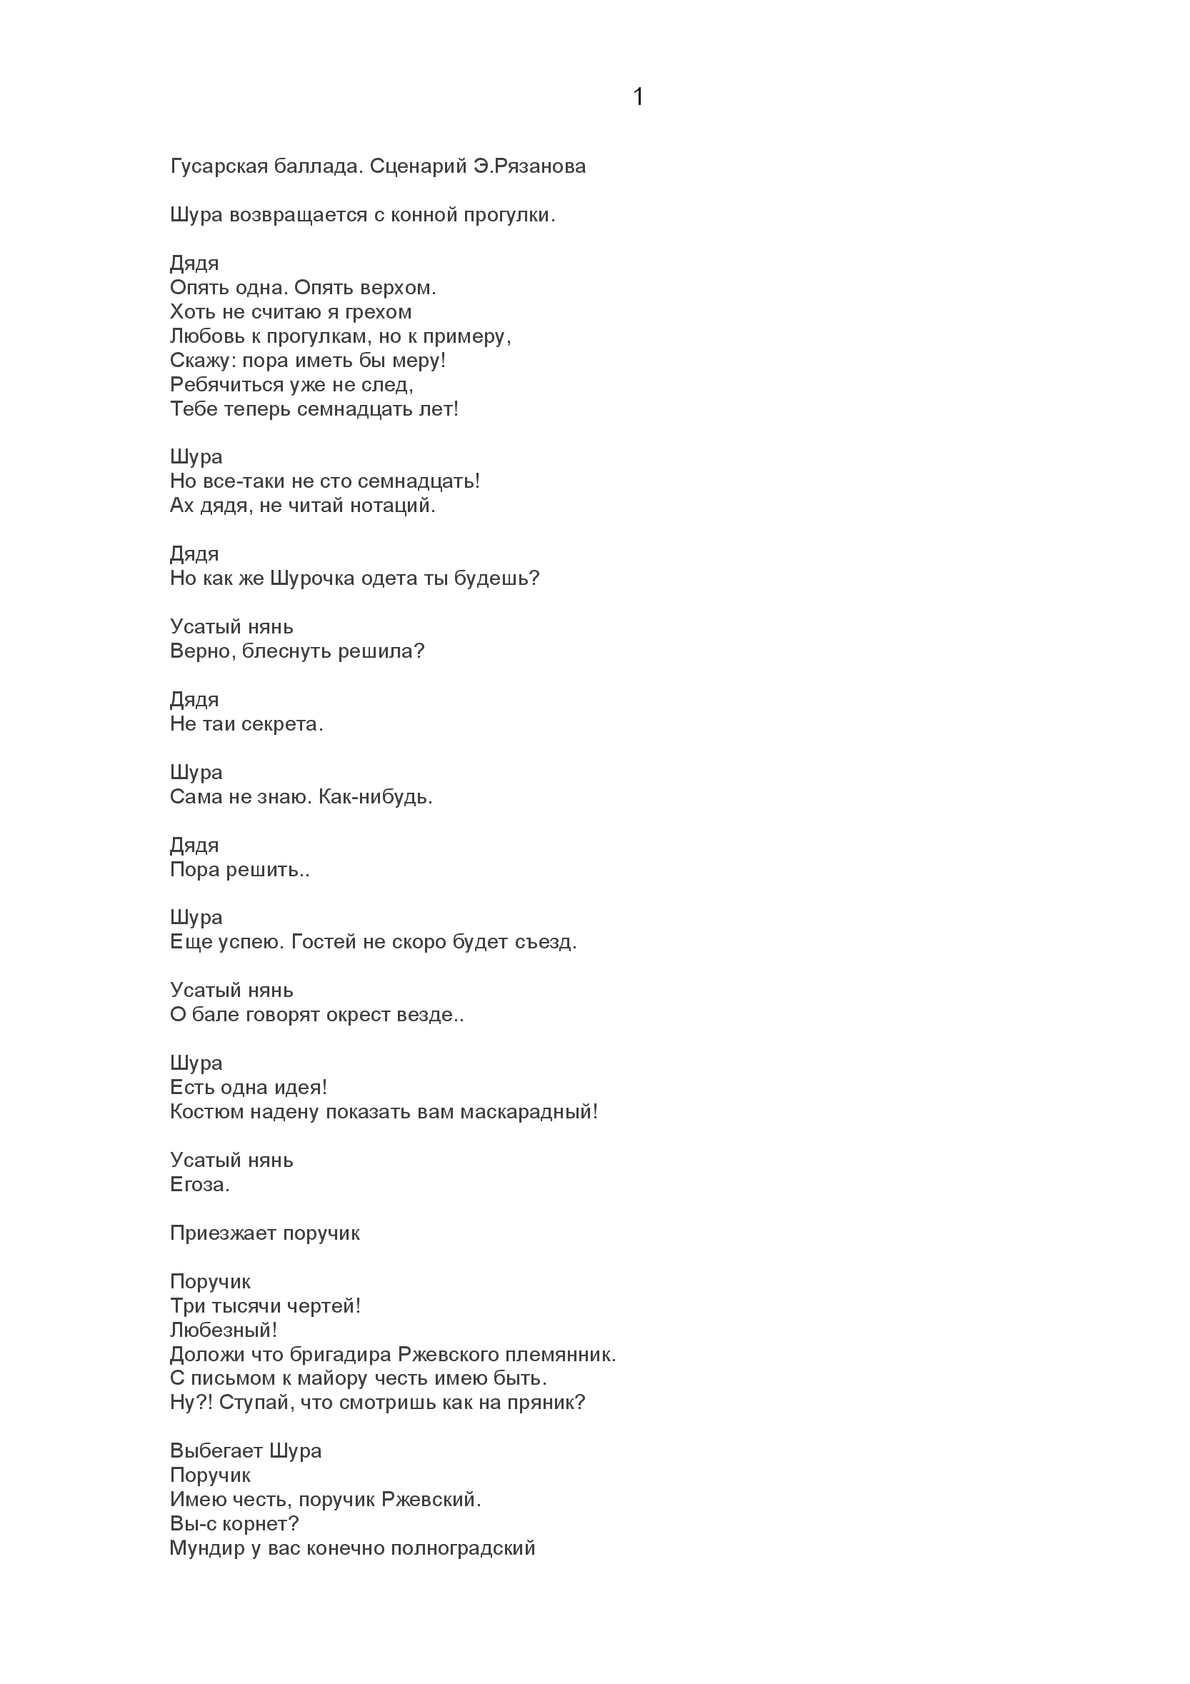 Сценарий фильма pdf